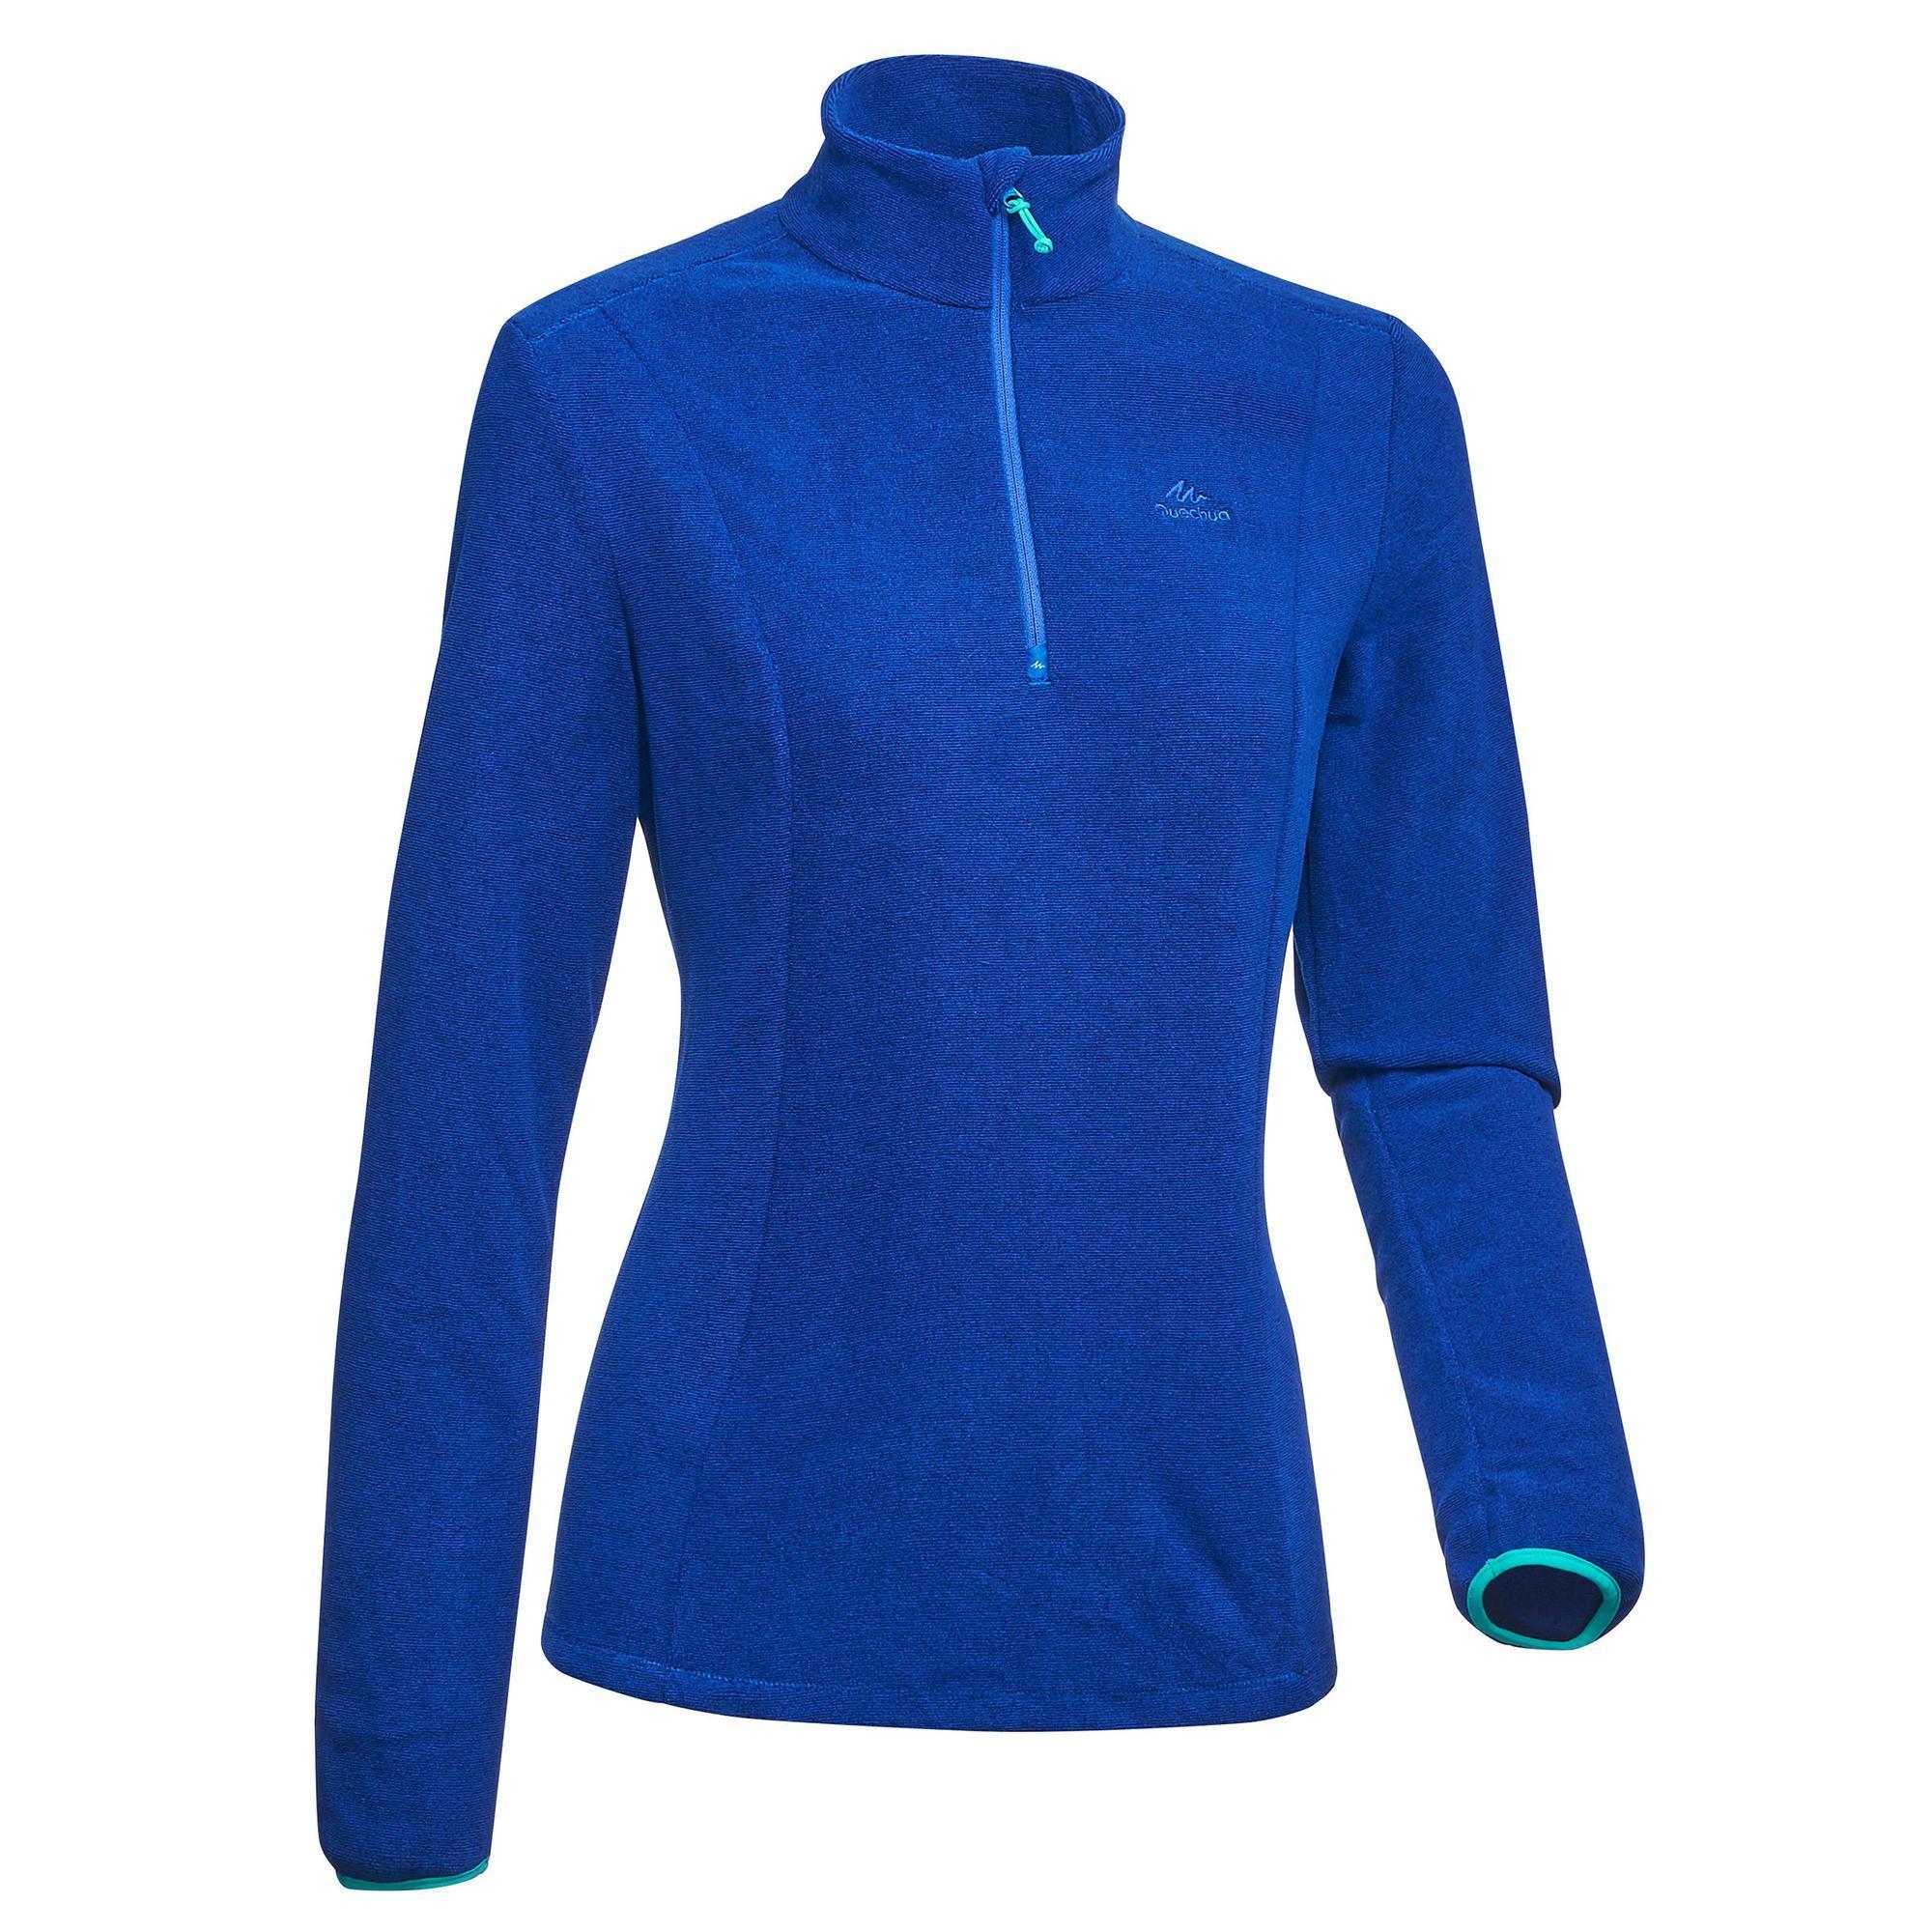 Fleecepullover Bergwandern MH100 Damen blau gestreift | Sportbekleidung > Fleecepullover | Quechua